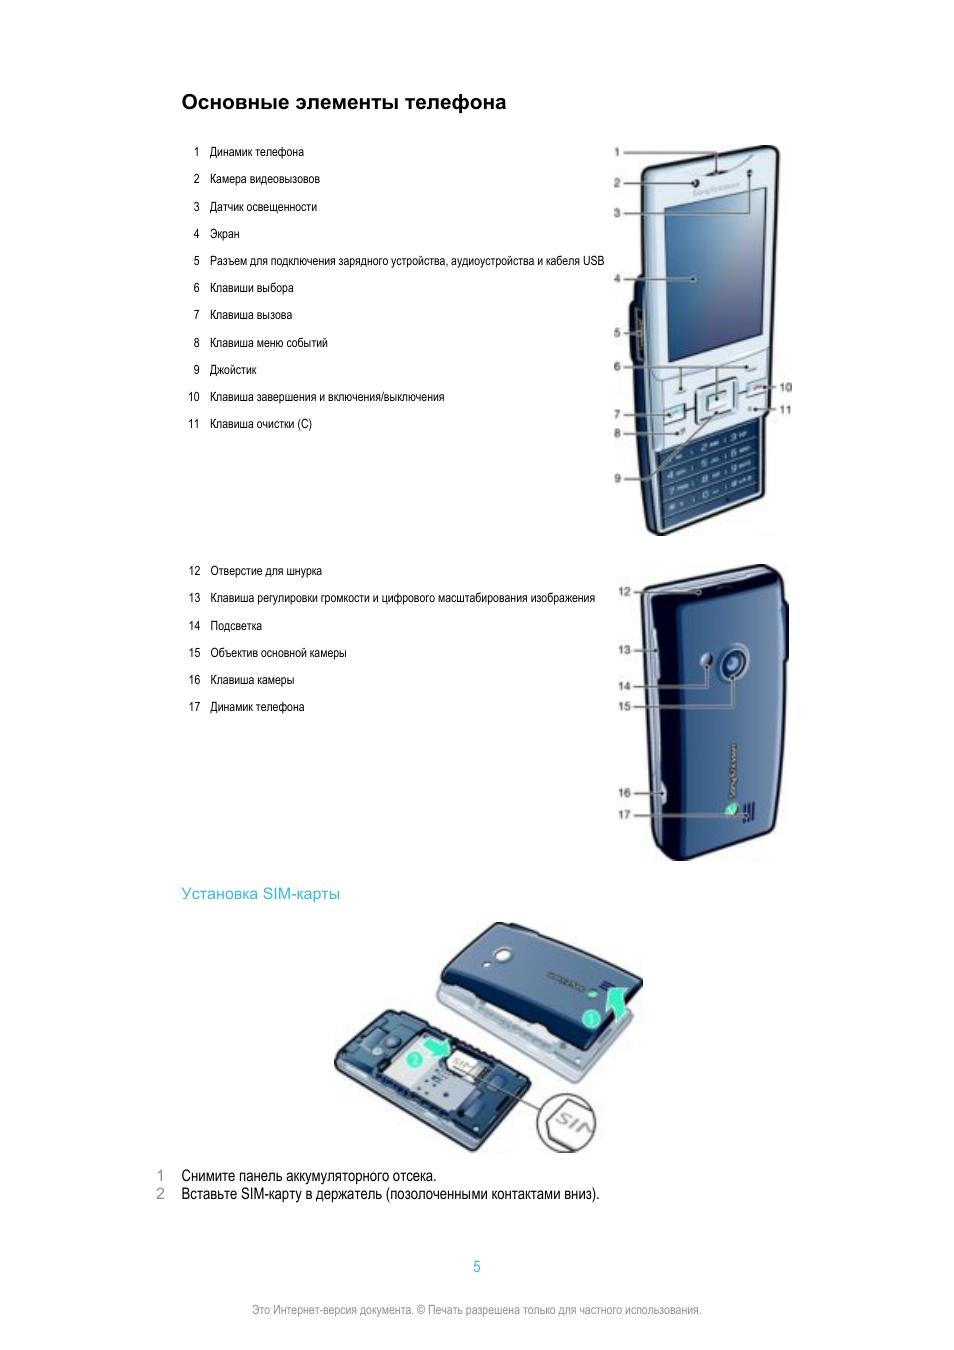 Основные элементы телефона